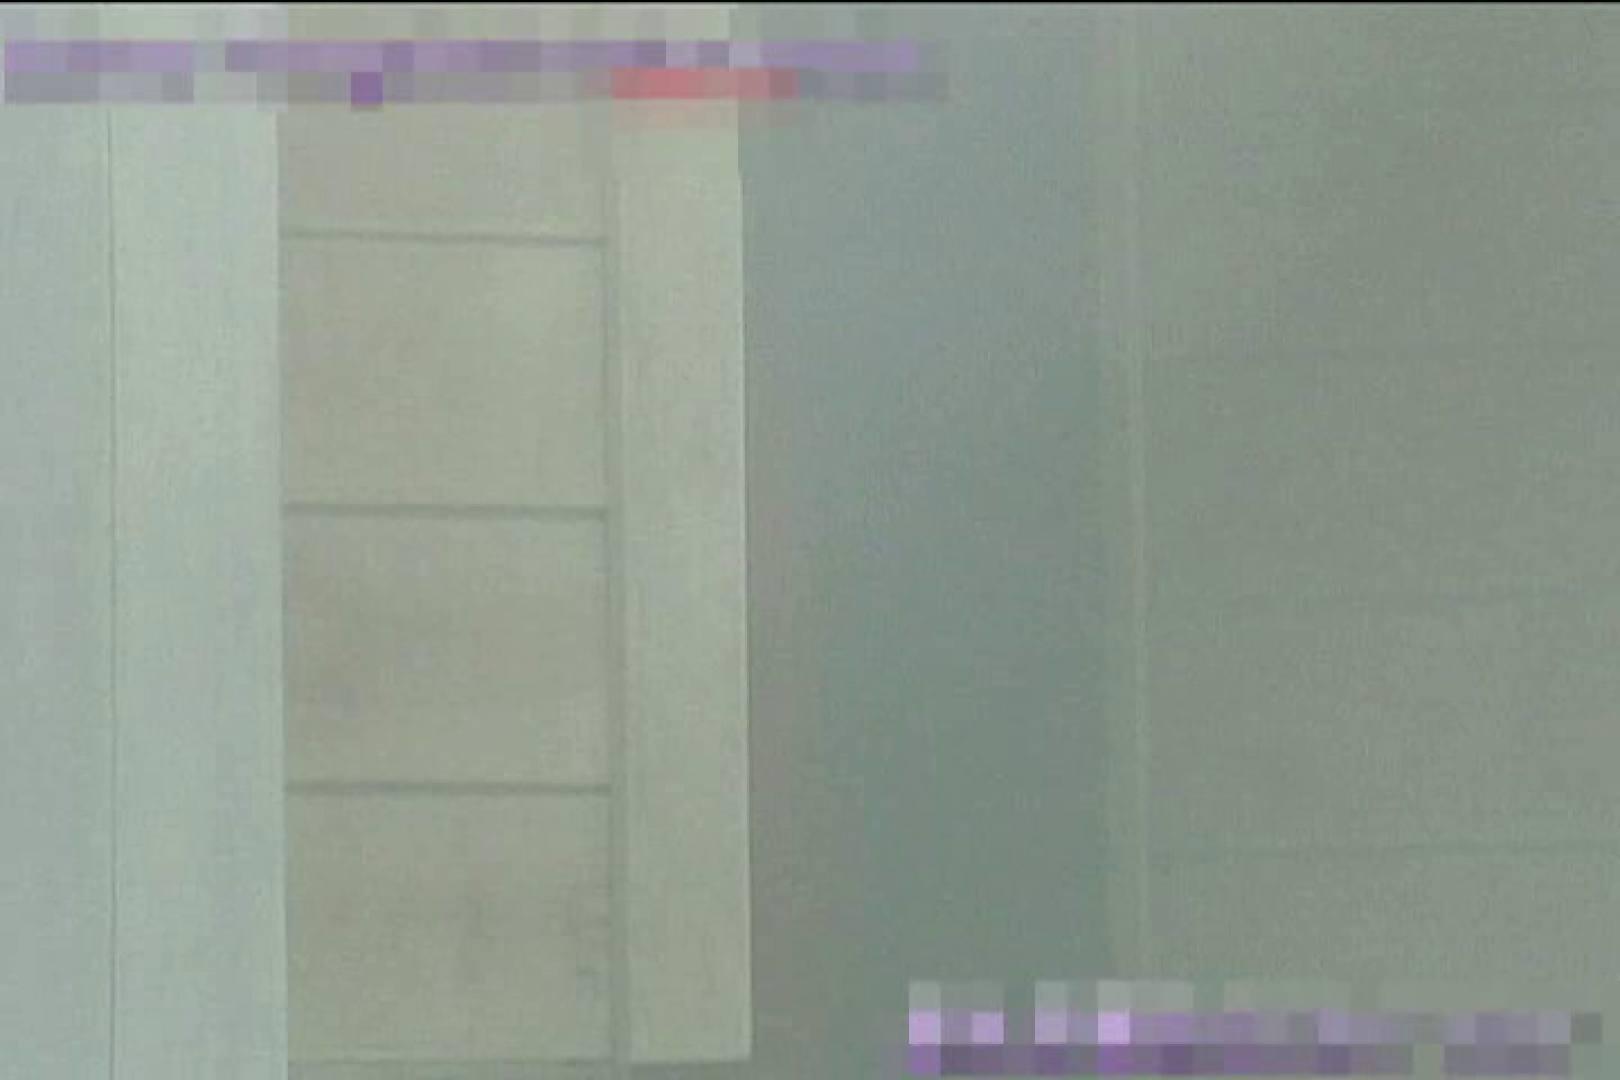 2点盗撮洗面所潜入レポートVol.1 潜入 盗撮AV動画キャプチャ 61pic 5